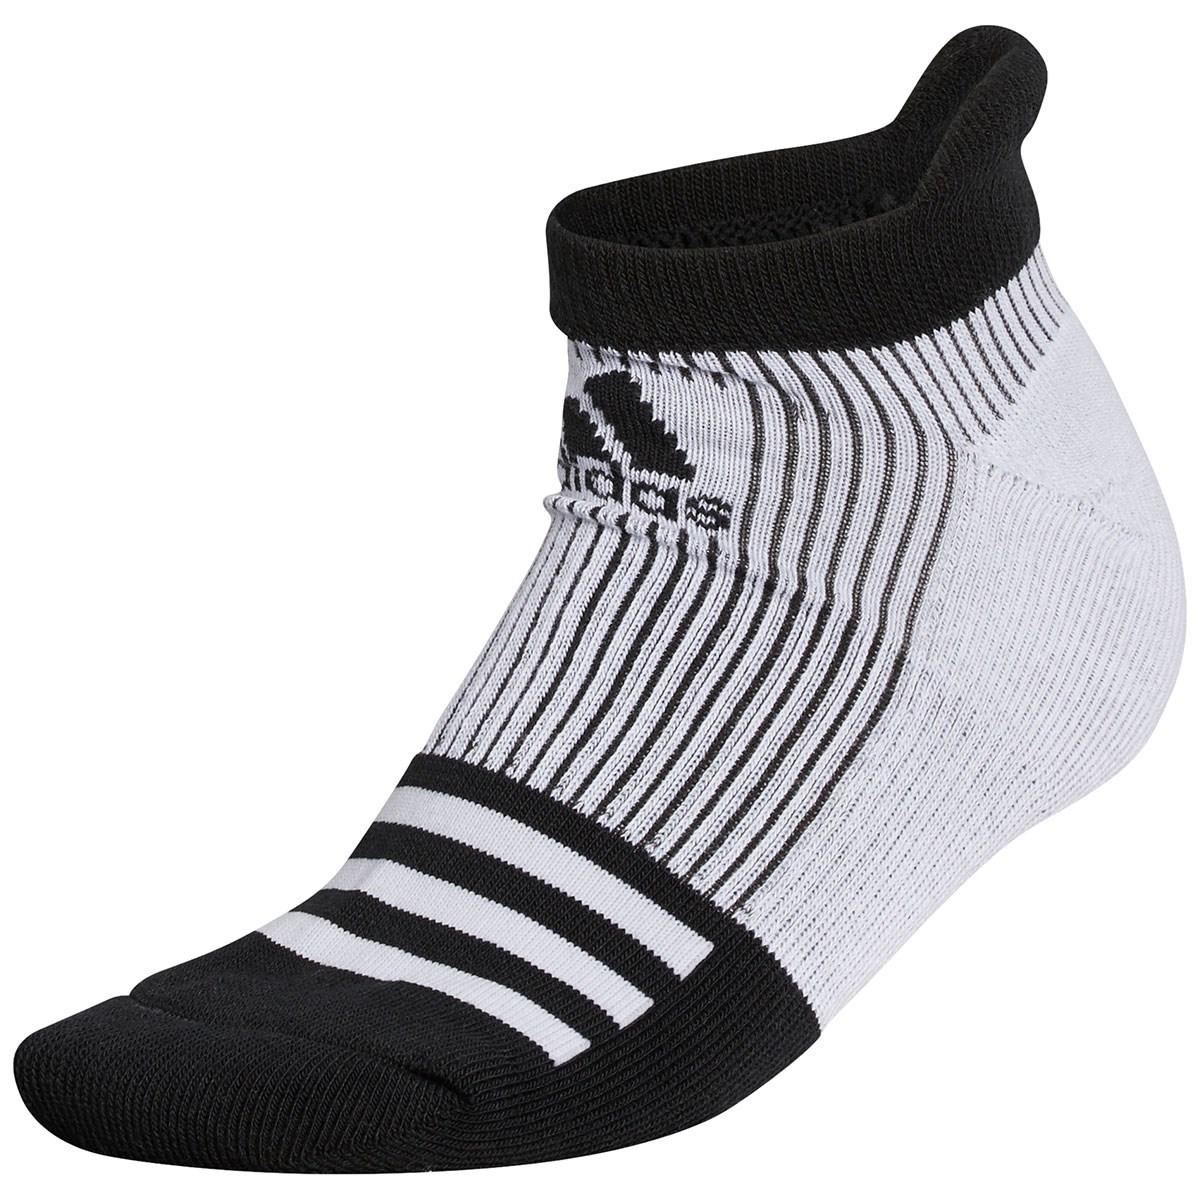 アディダス Adidas 3ストライプローカットソックス フリー ホワイト/ブラック レディス